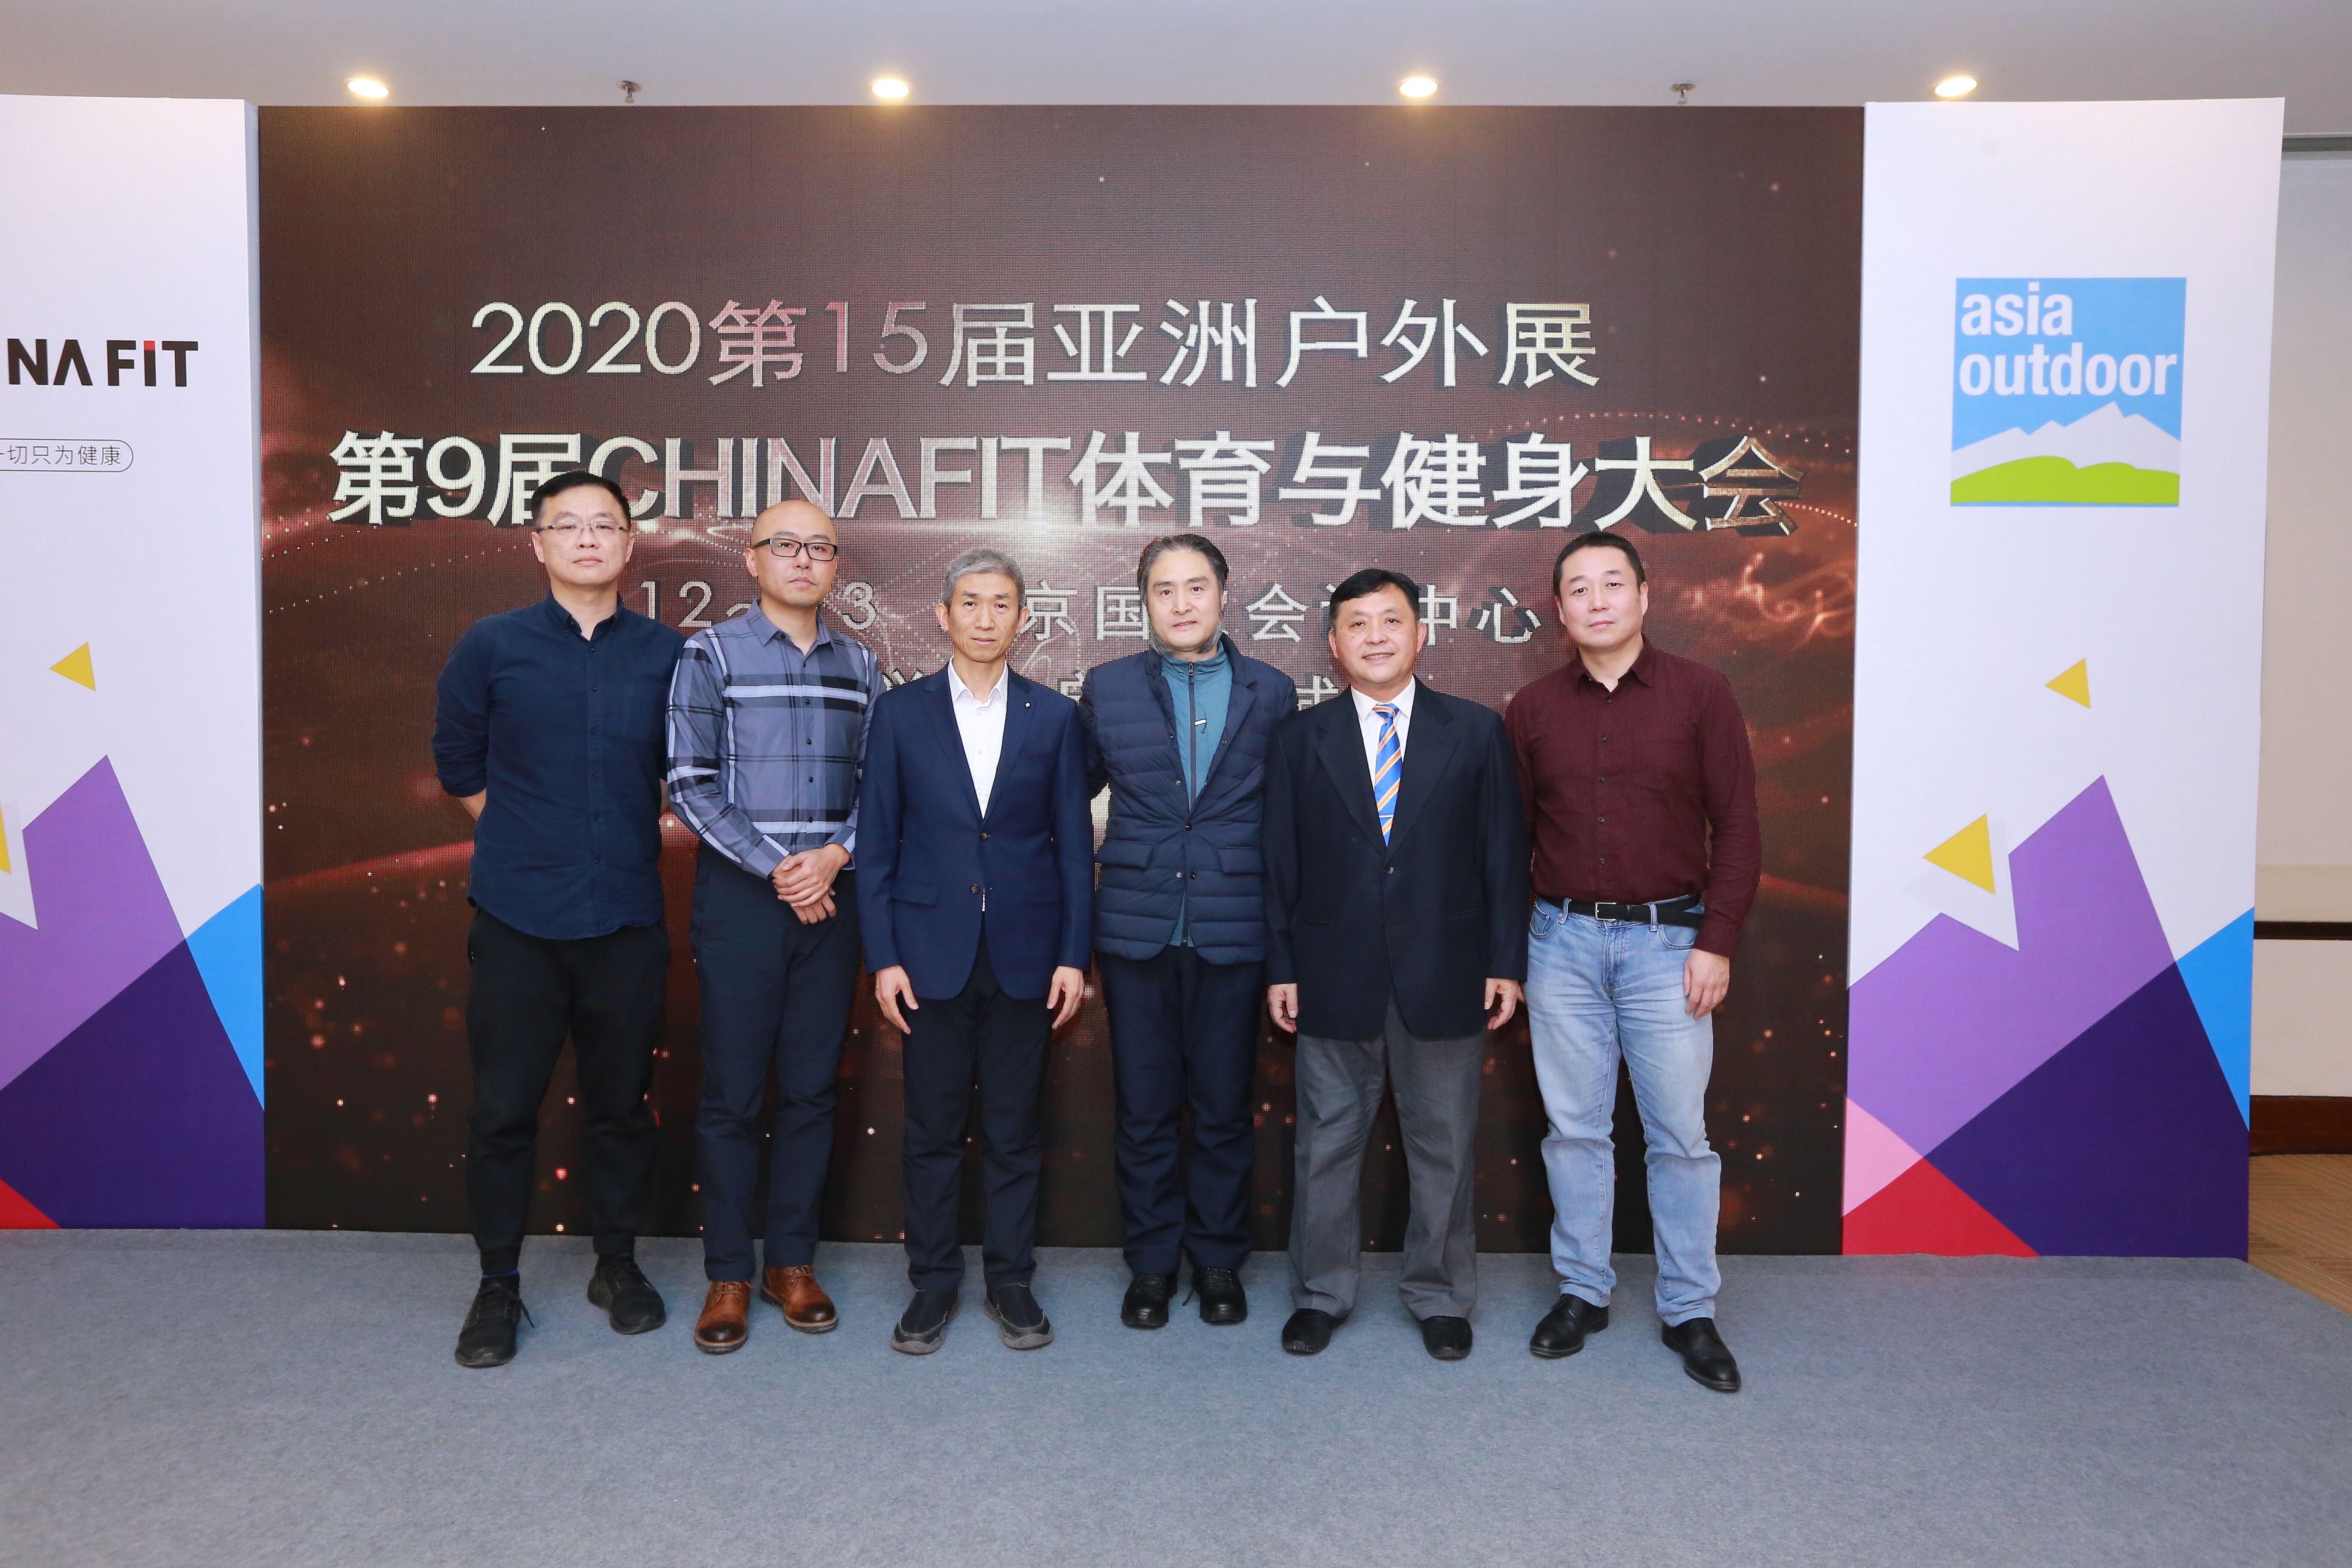 十五年变革与开创--——2020亚洲户外展及2020Chinafit体育及健身大会 联合新闻发布会在京召开